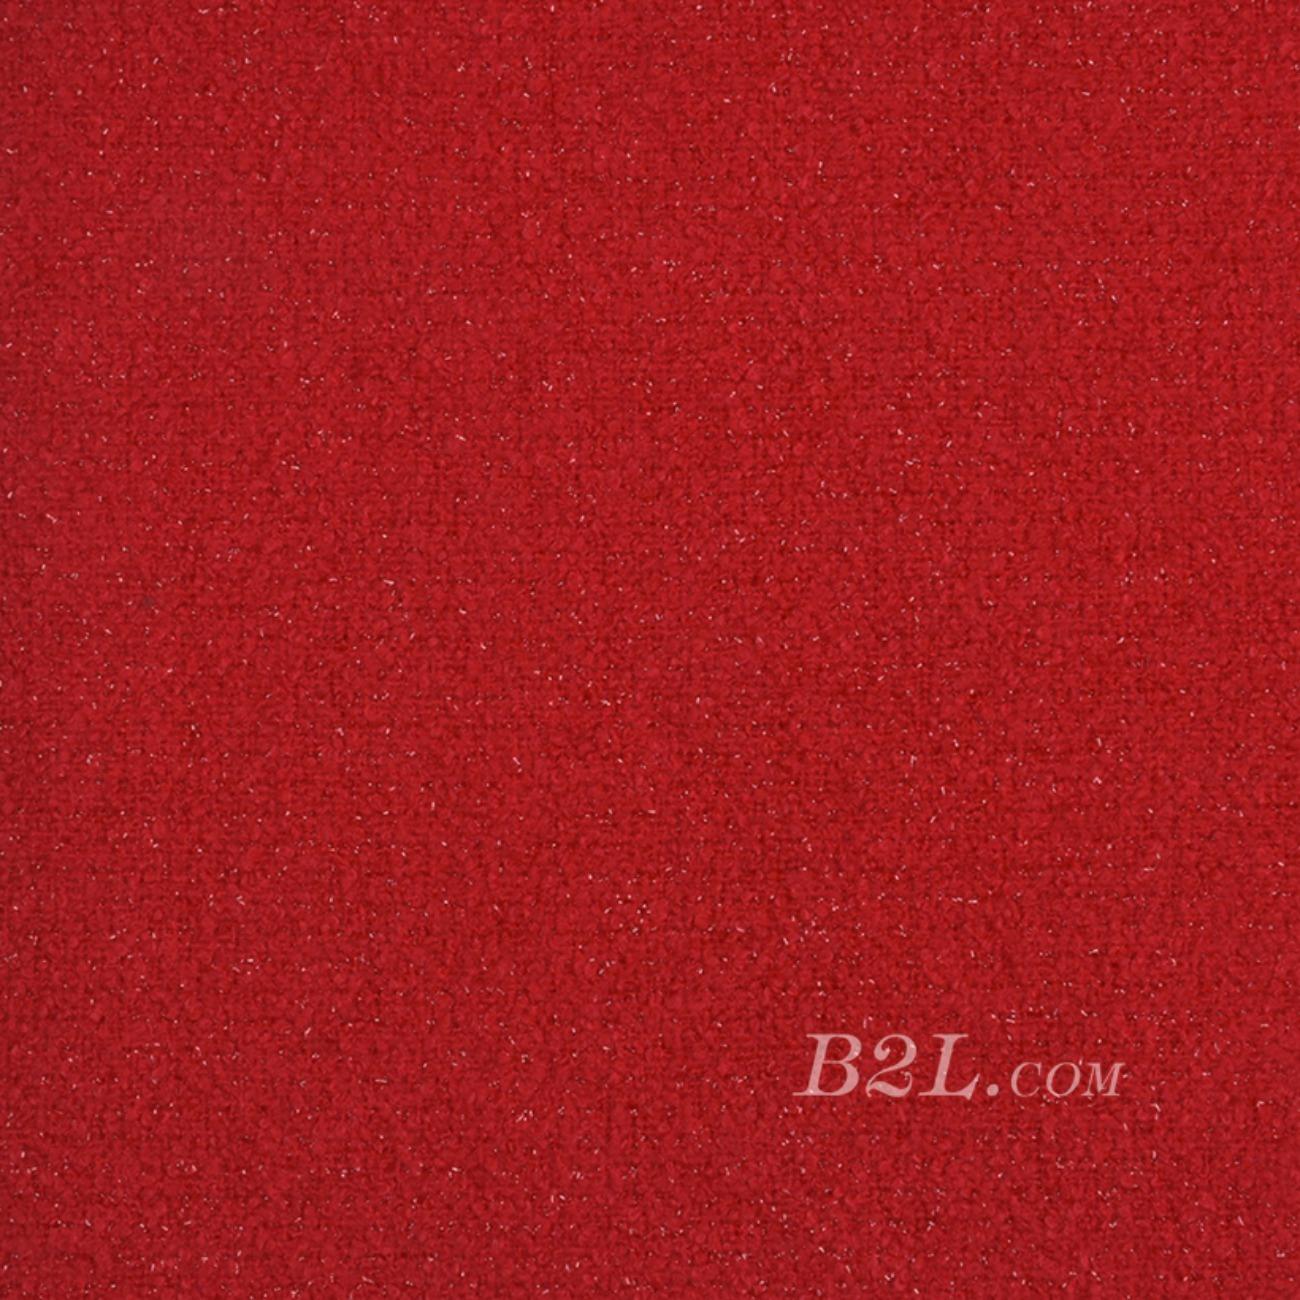 毛纺 梭织 素色 羊毛 低弹 亮丝 春秋冬 连衣裙 女装 大衣 外套 81122-16